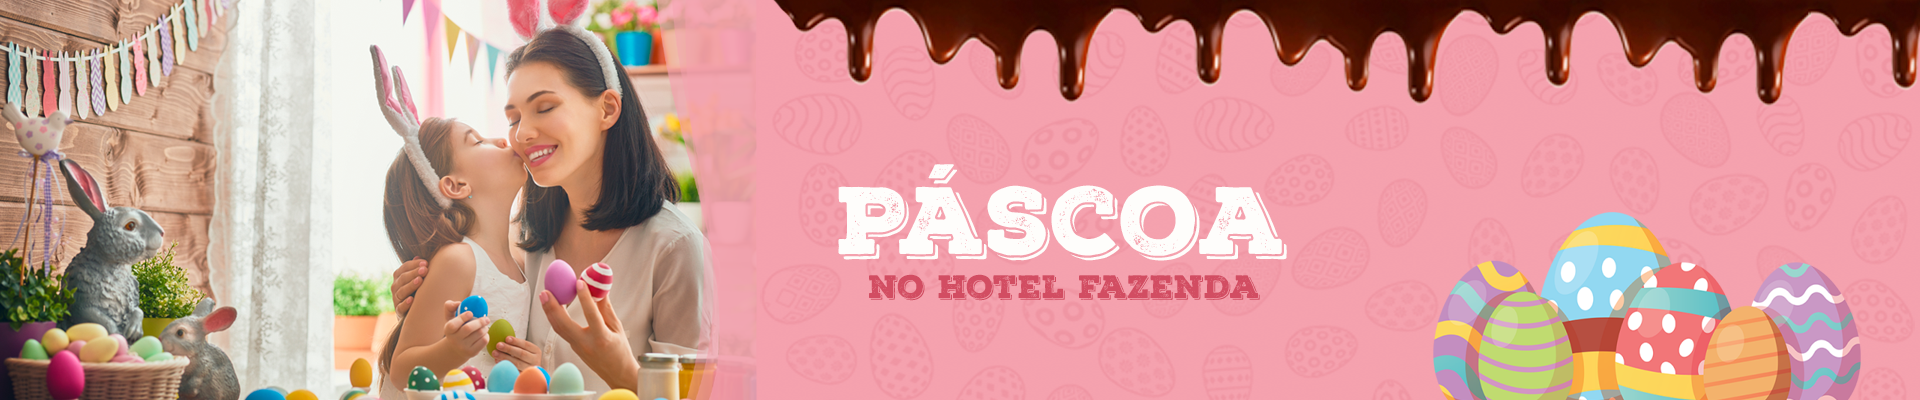 testeira páscoa_site